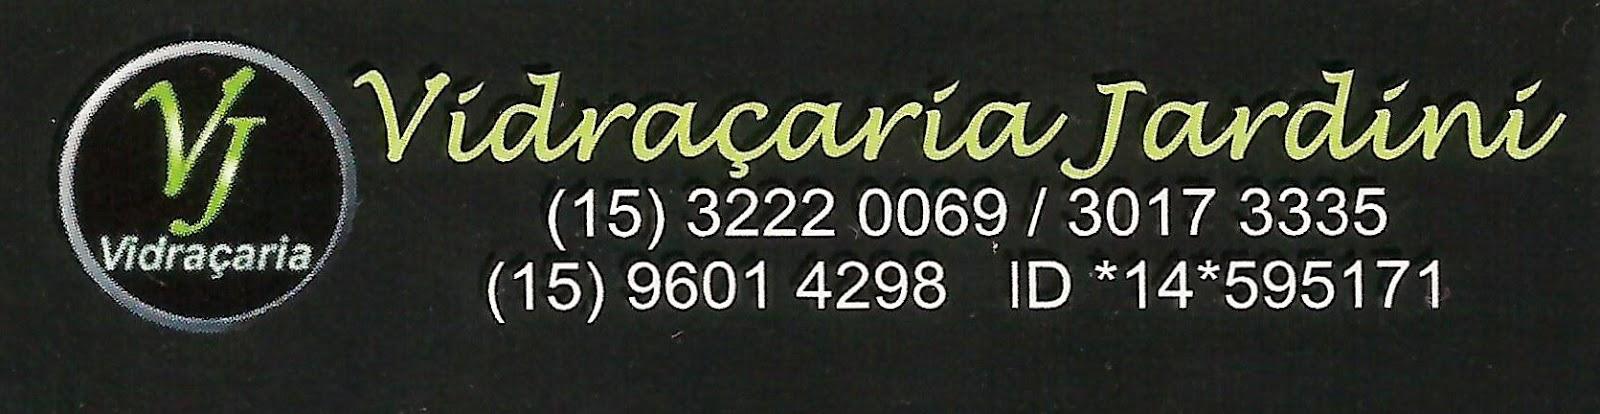 VIDRAÇARIA JARDINI VIDROS COMUNS, VIDROS TEMPERADOS, BOX E ESPELHOS  Av. Dr. Américo Figueiredo, 727 Jardim Simus - Sorocaba - SP tel: (15) 3222-0069